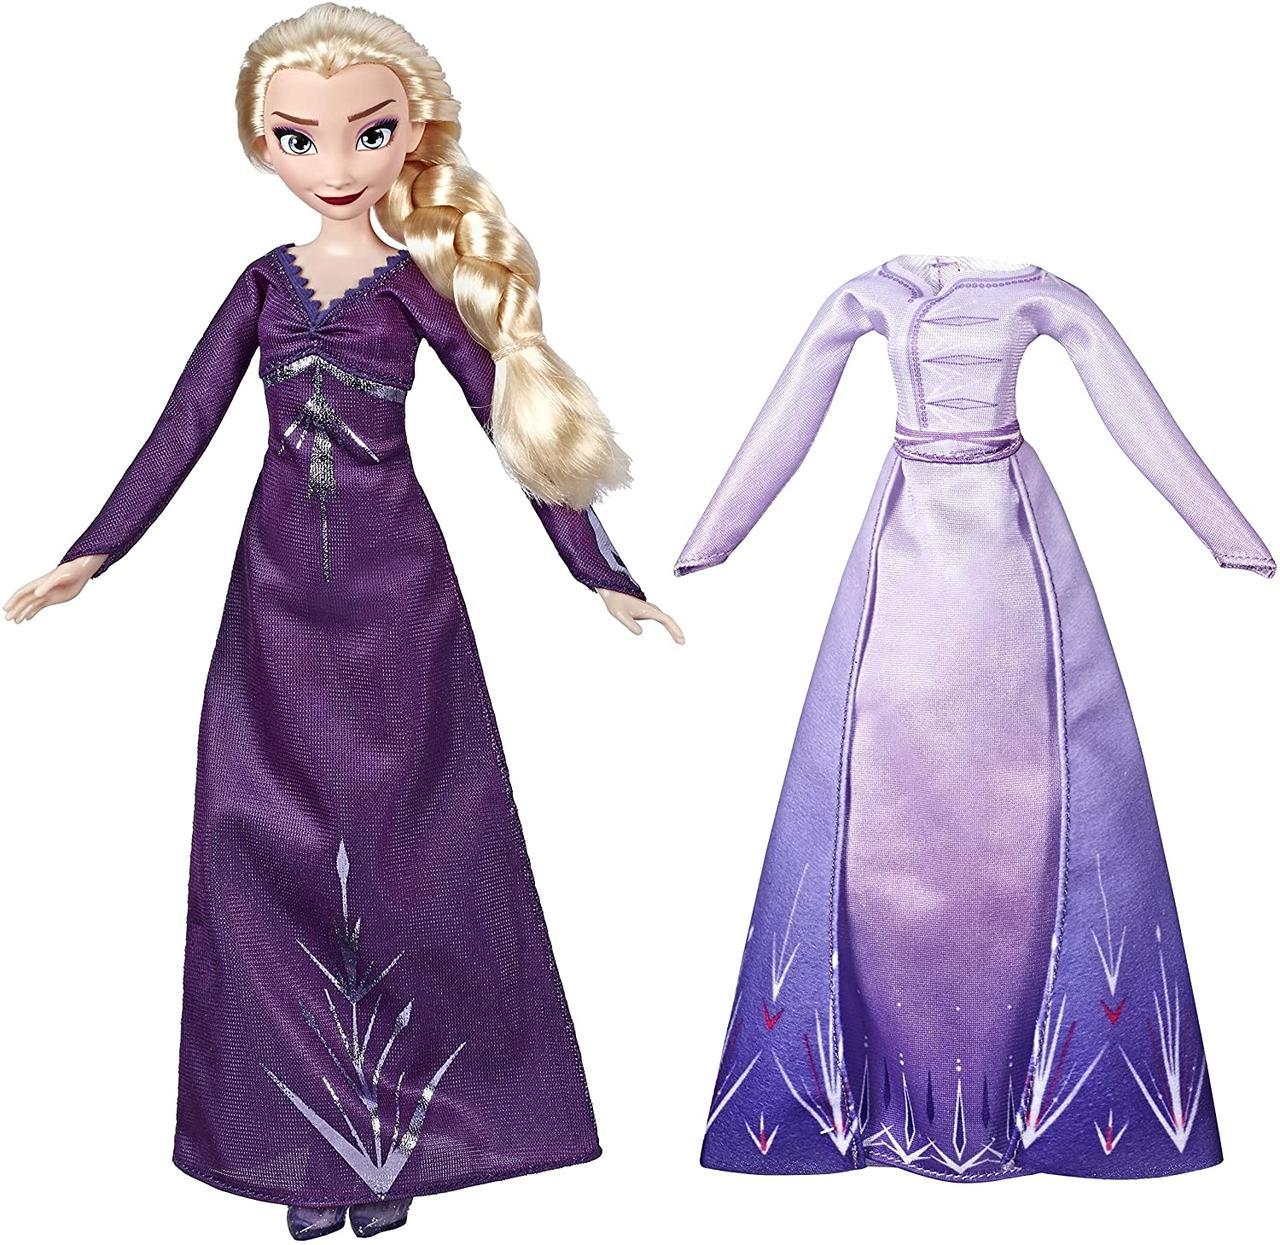 Кукла Эльза Оригинал со сменным Платьем из серии Холодное Сердце 2 Disney Frozen Elsa Fashion Doll (E6907AX1)